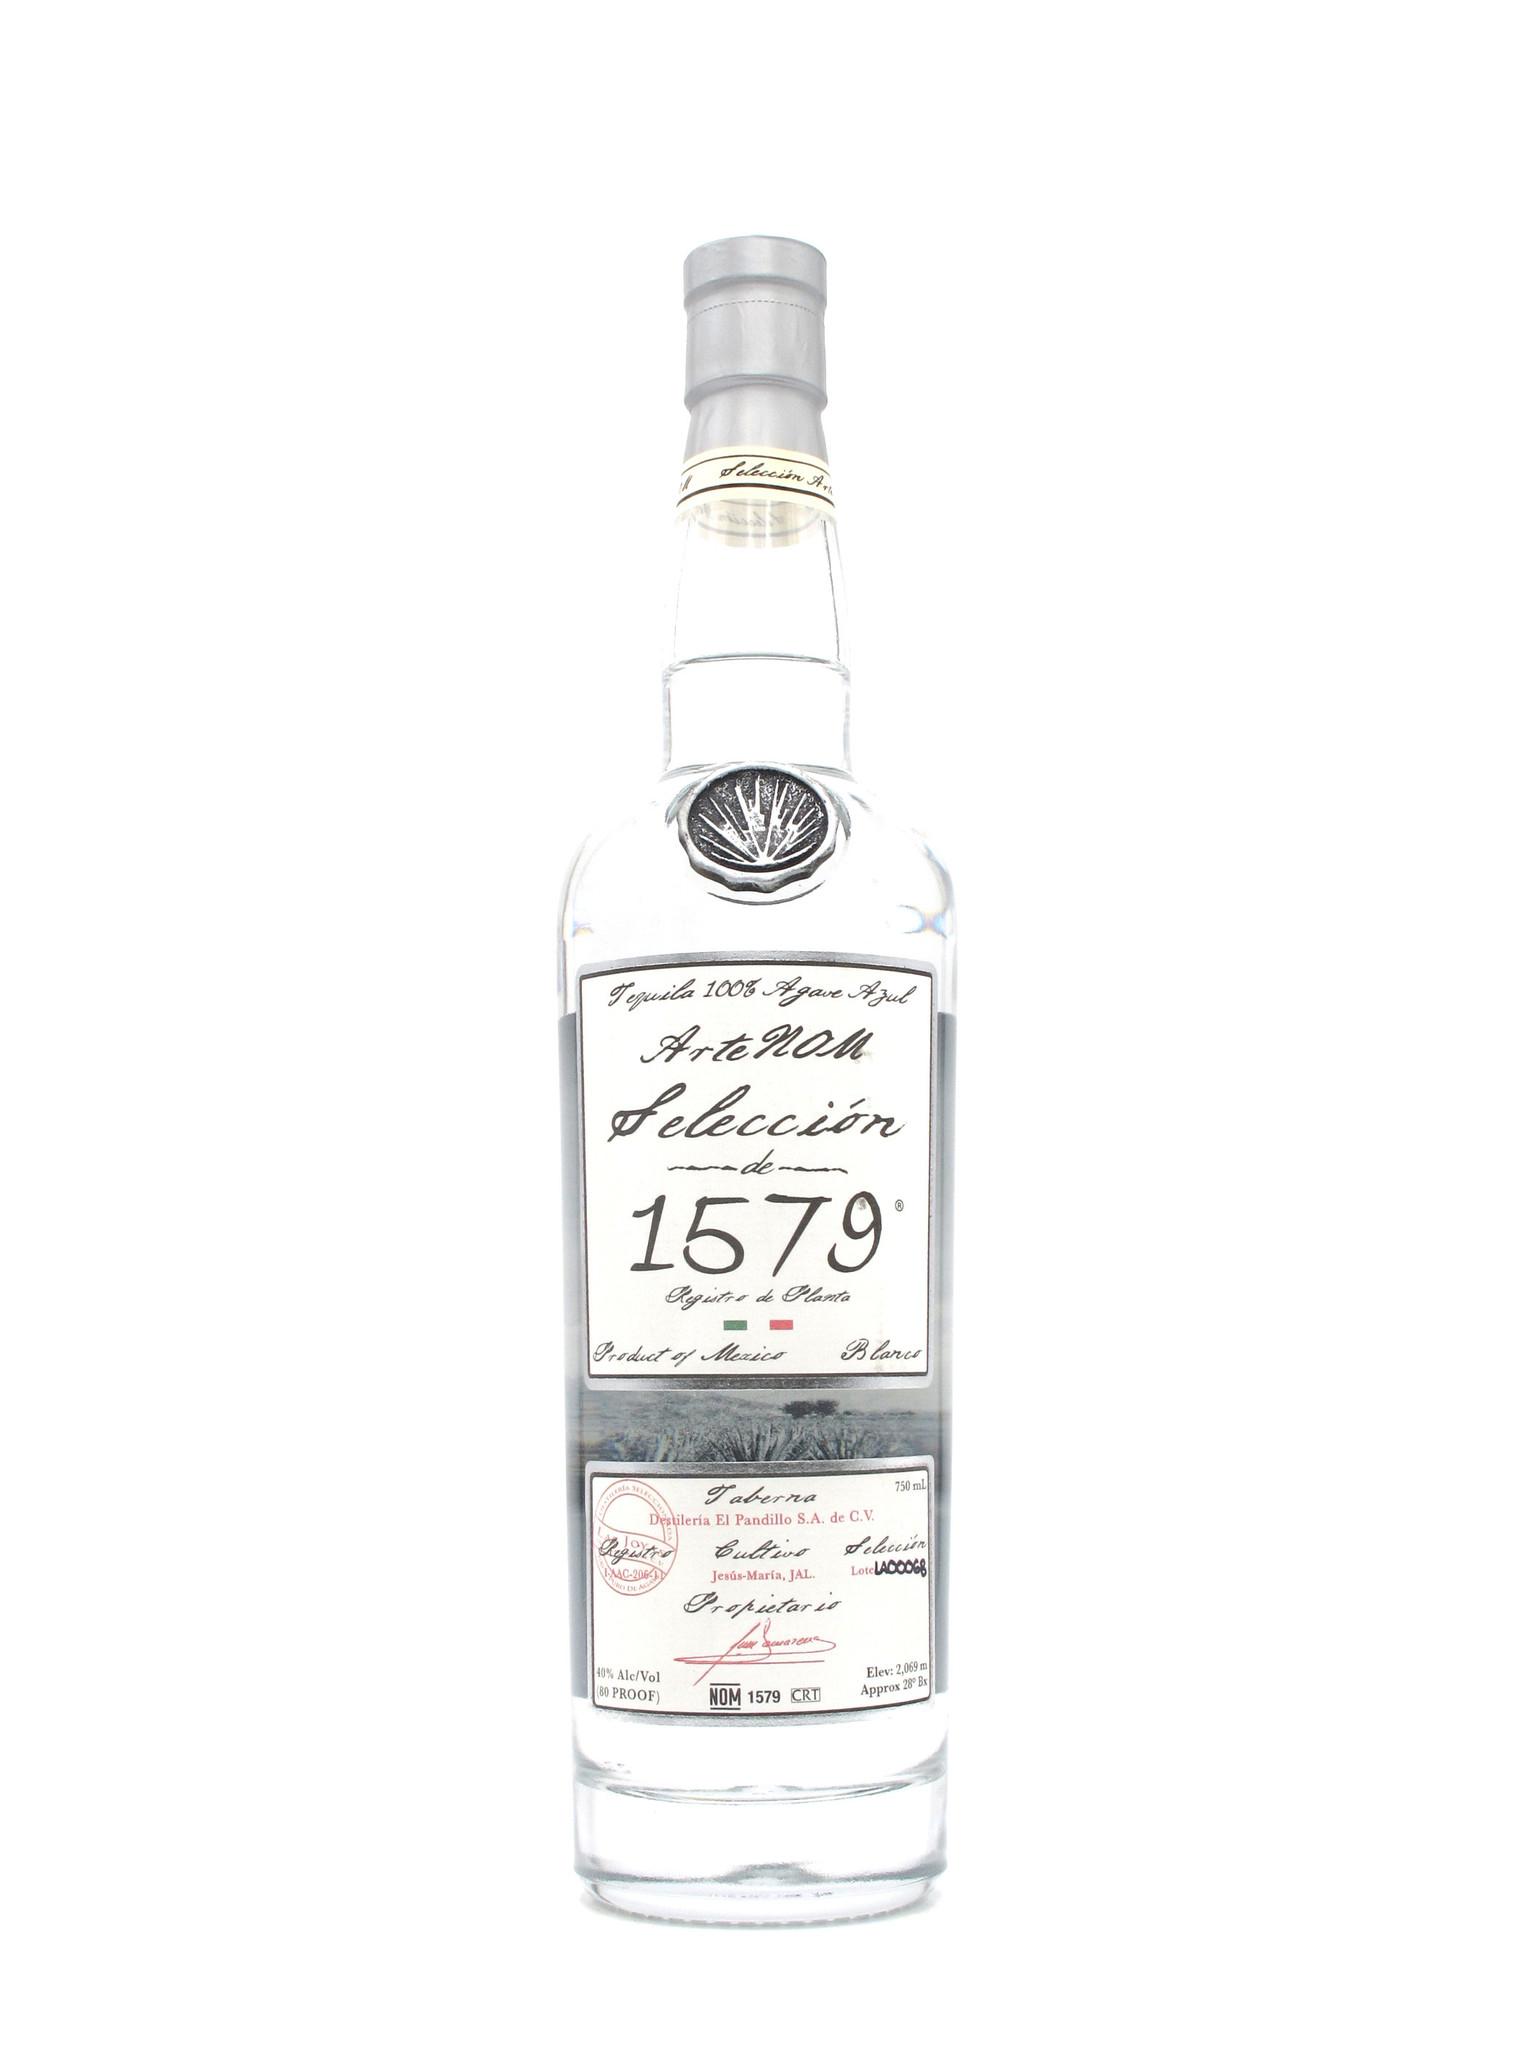 ArteNOM ArteNOM '1579' Tequila Blanco 750ml